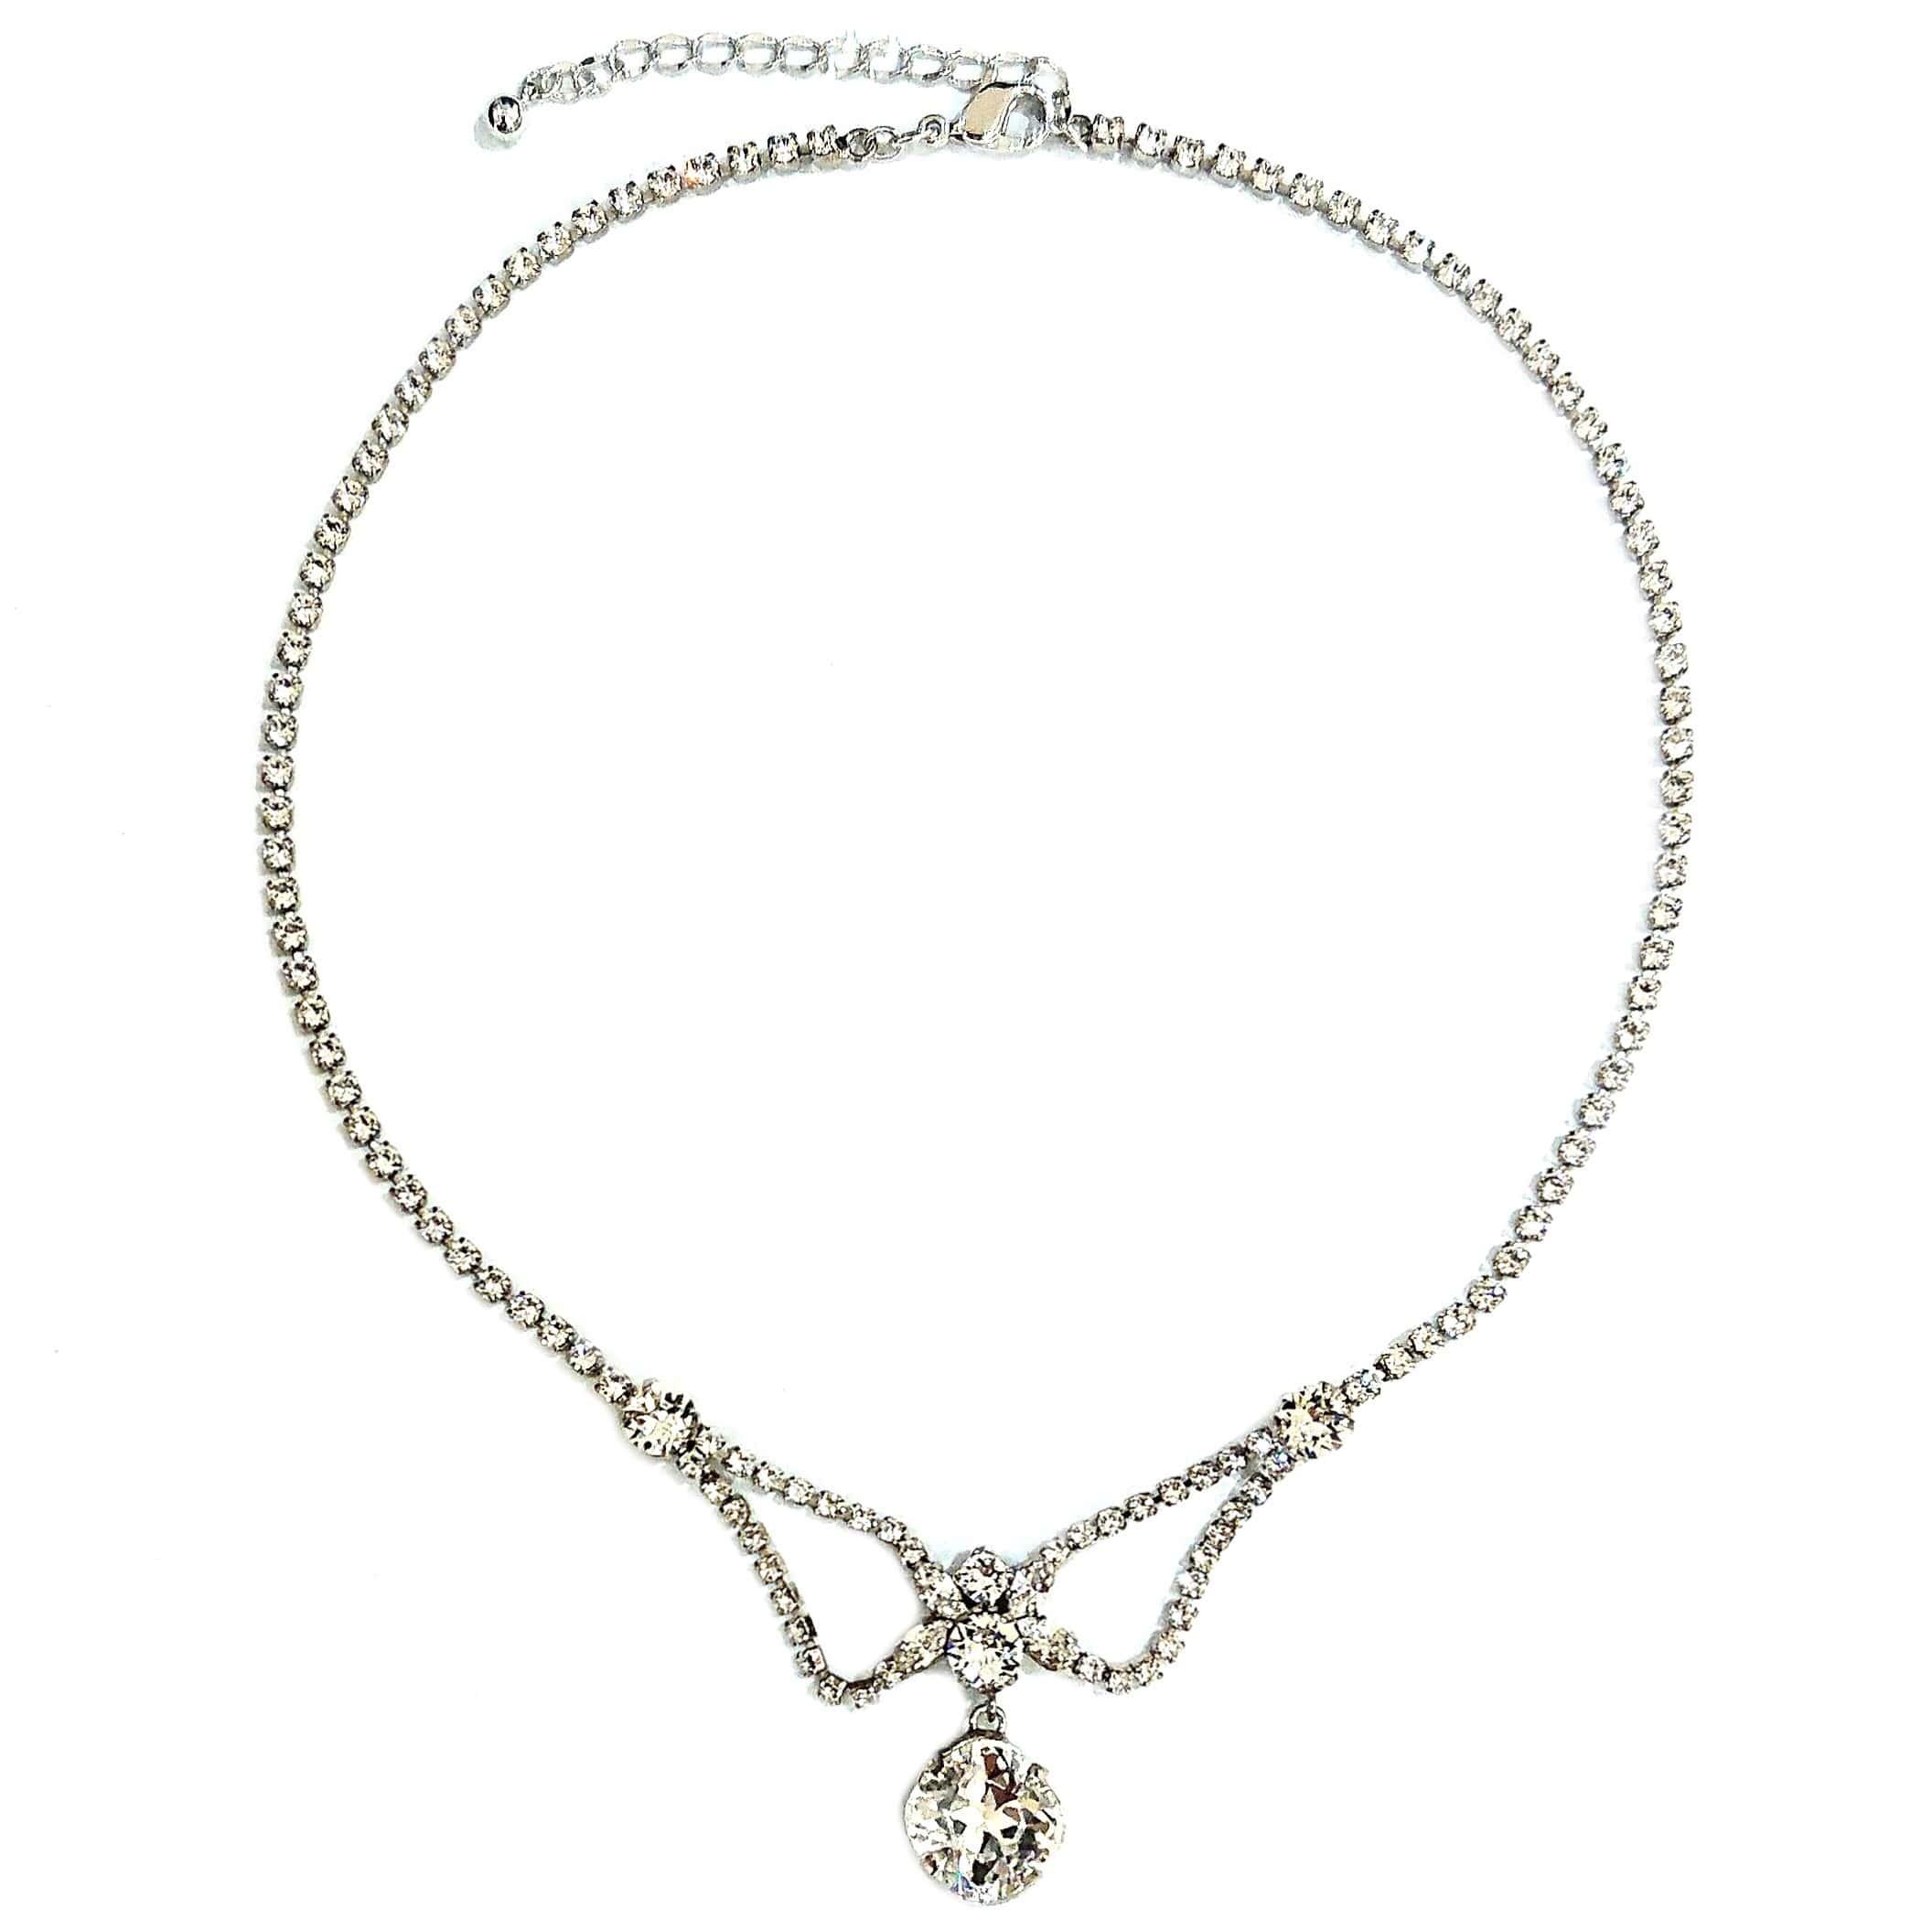 スワロフスキーを使ったブライダル ネックレス シンプルかつすっきりとしたデザイン226